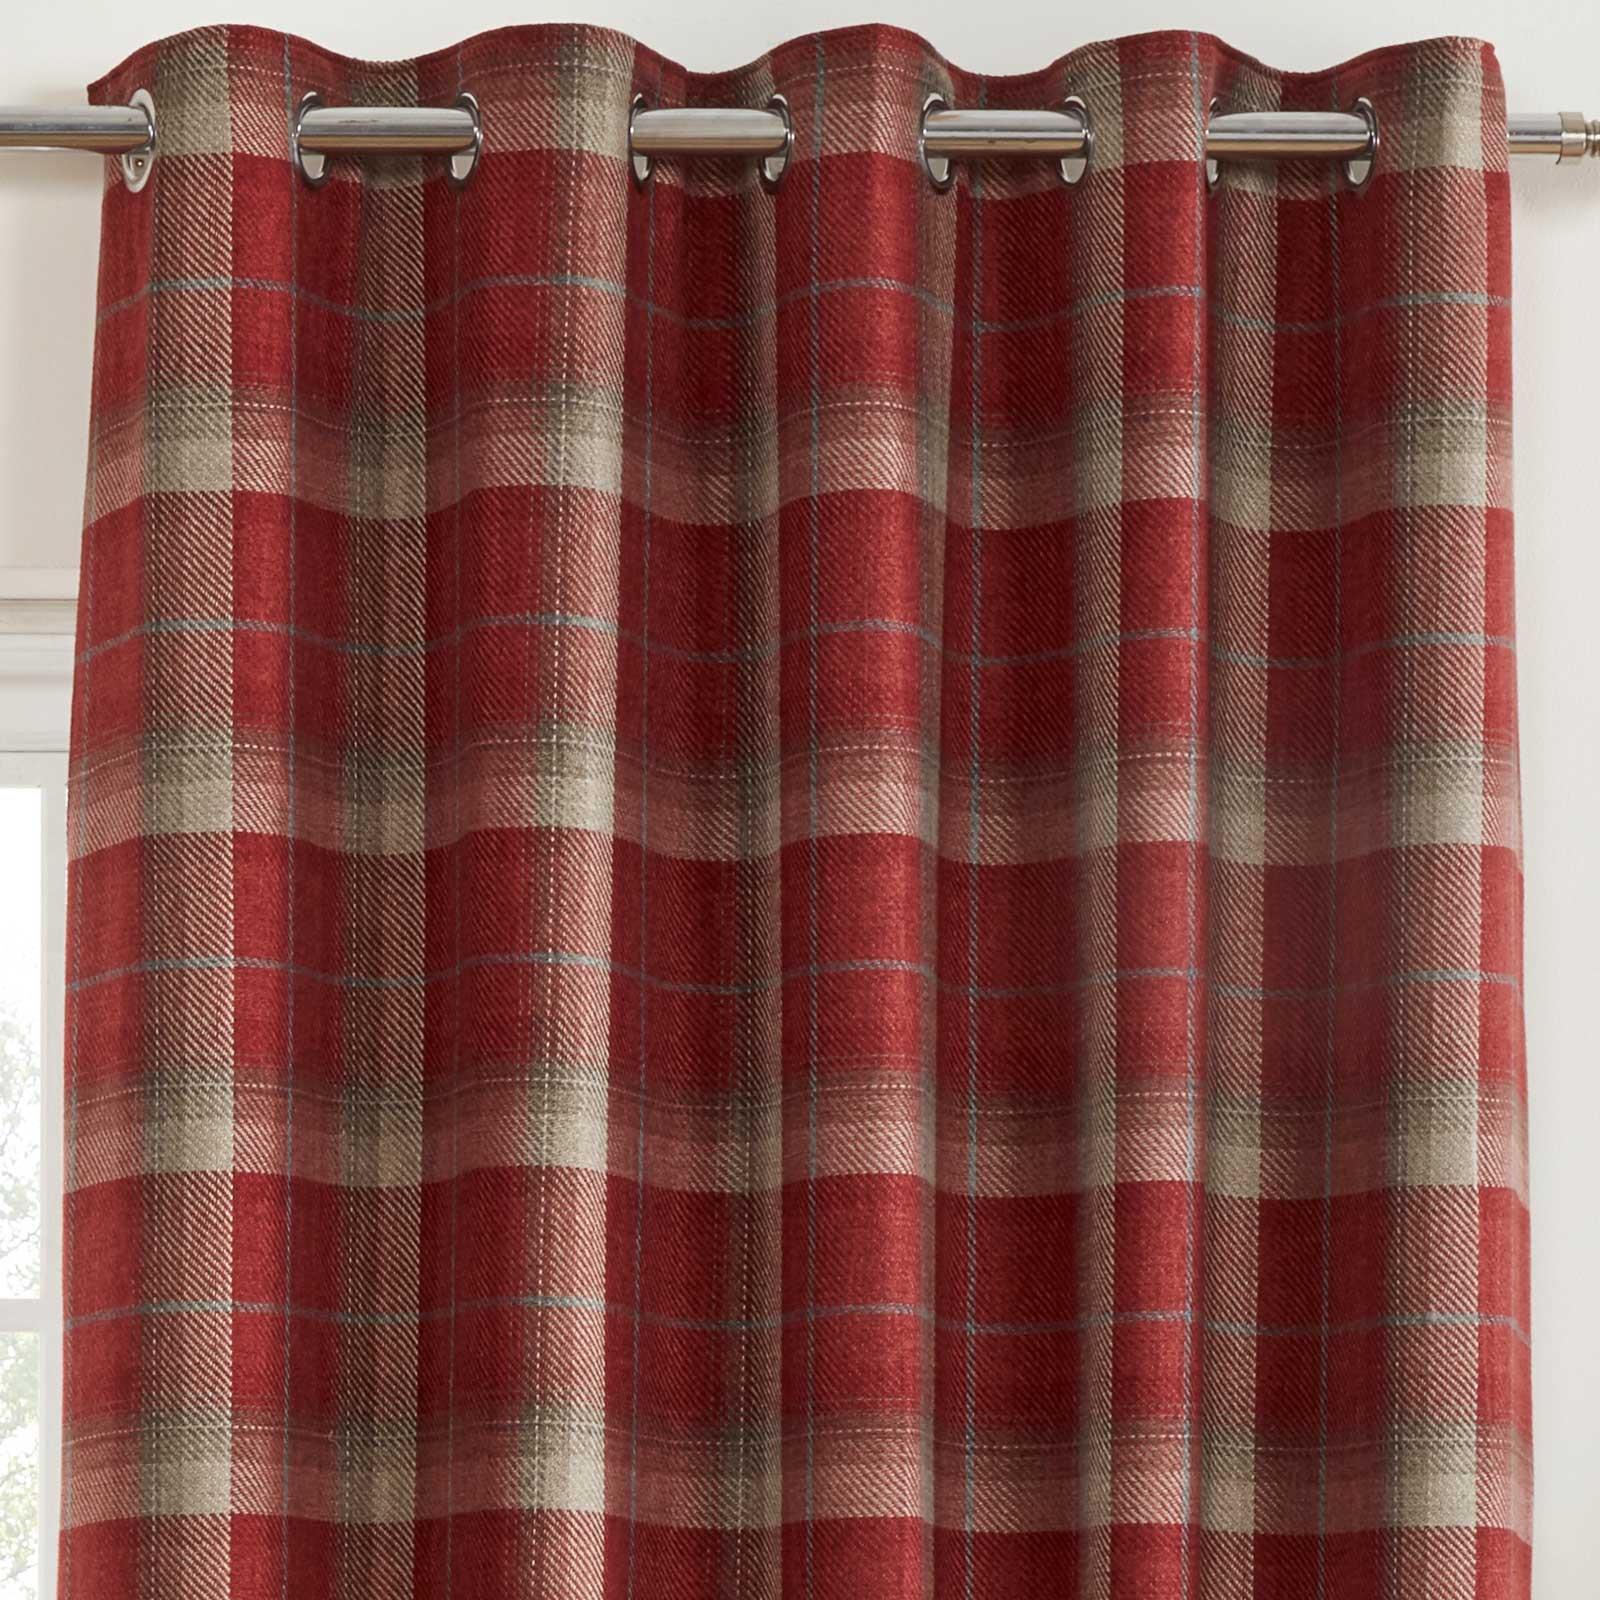 Cortinas-DE-ORIFICIOS-Rojo-Blackout-Tartan-Check-Ready-Made-acogedor-Anillo-Superior-Cortina-Pares miniatura 19